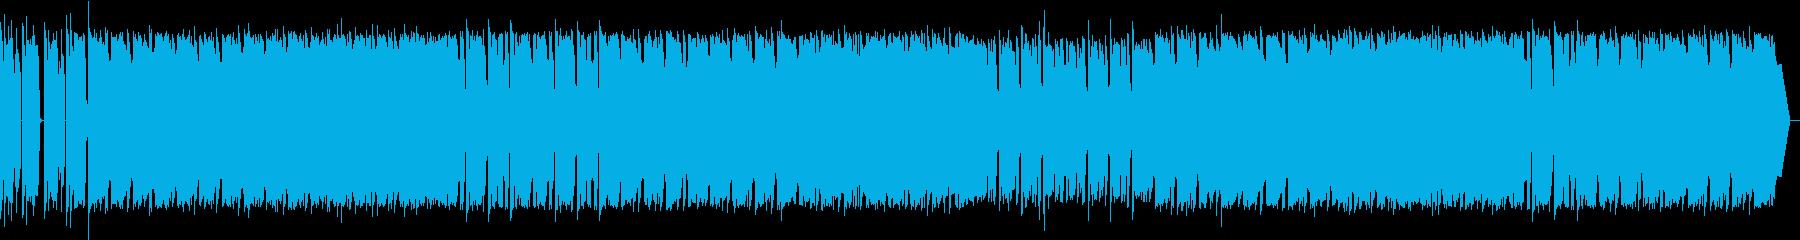 ギターのフレーズが独特な曲ですの再生済みの波形